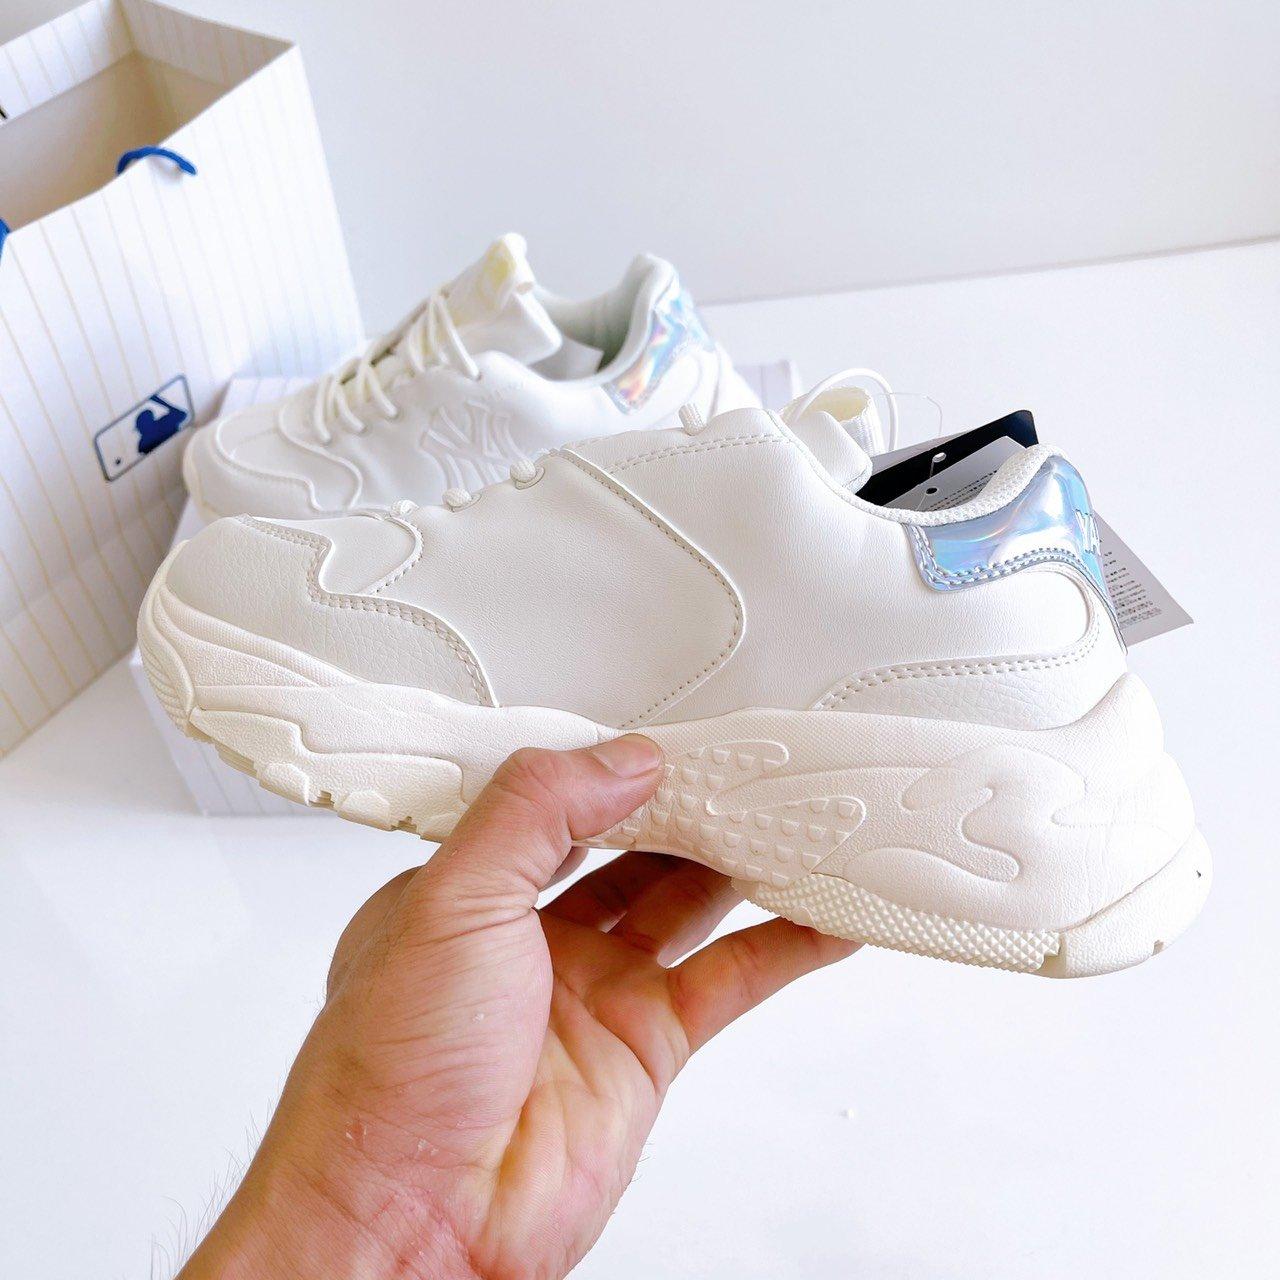 giày MLB NY YANKEES SHINY Hologram gót xanh Rep 1 1